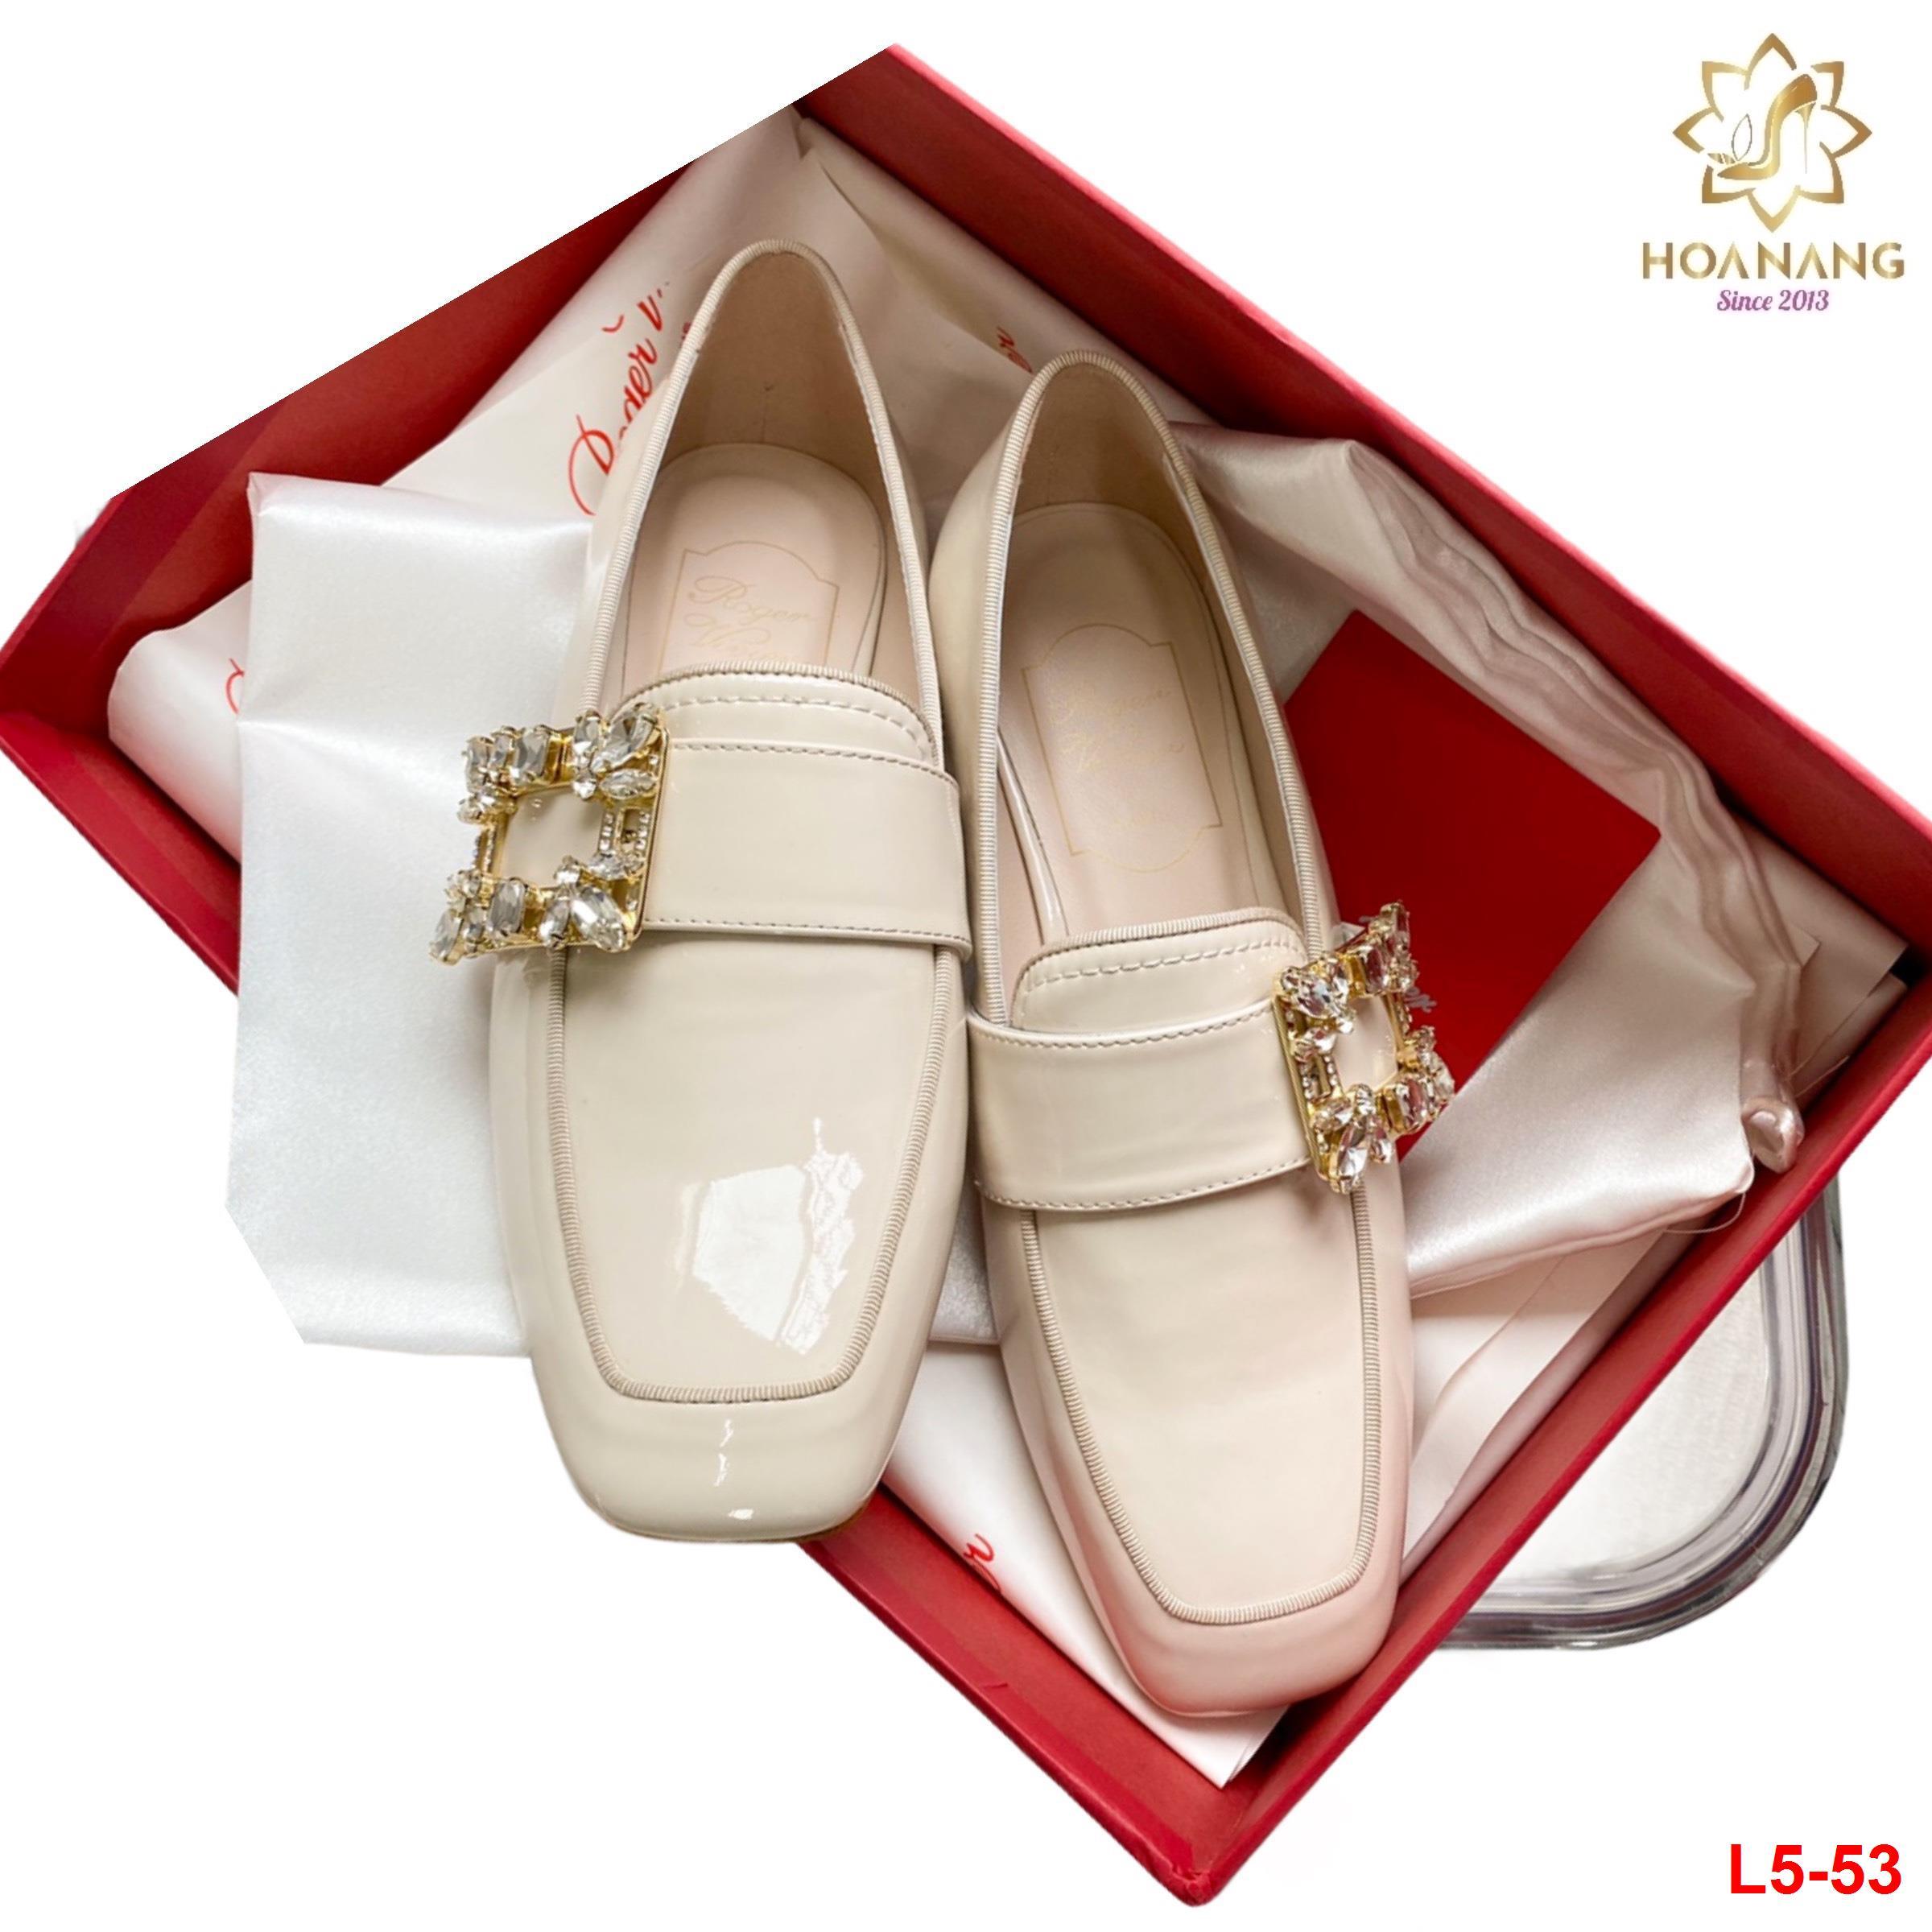 L5-53 Roger Vivier giày lười siêu cấp